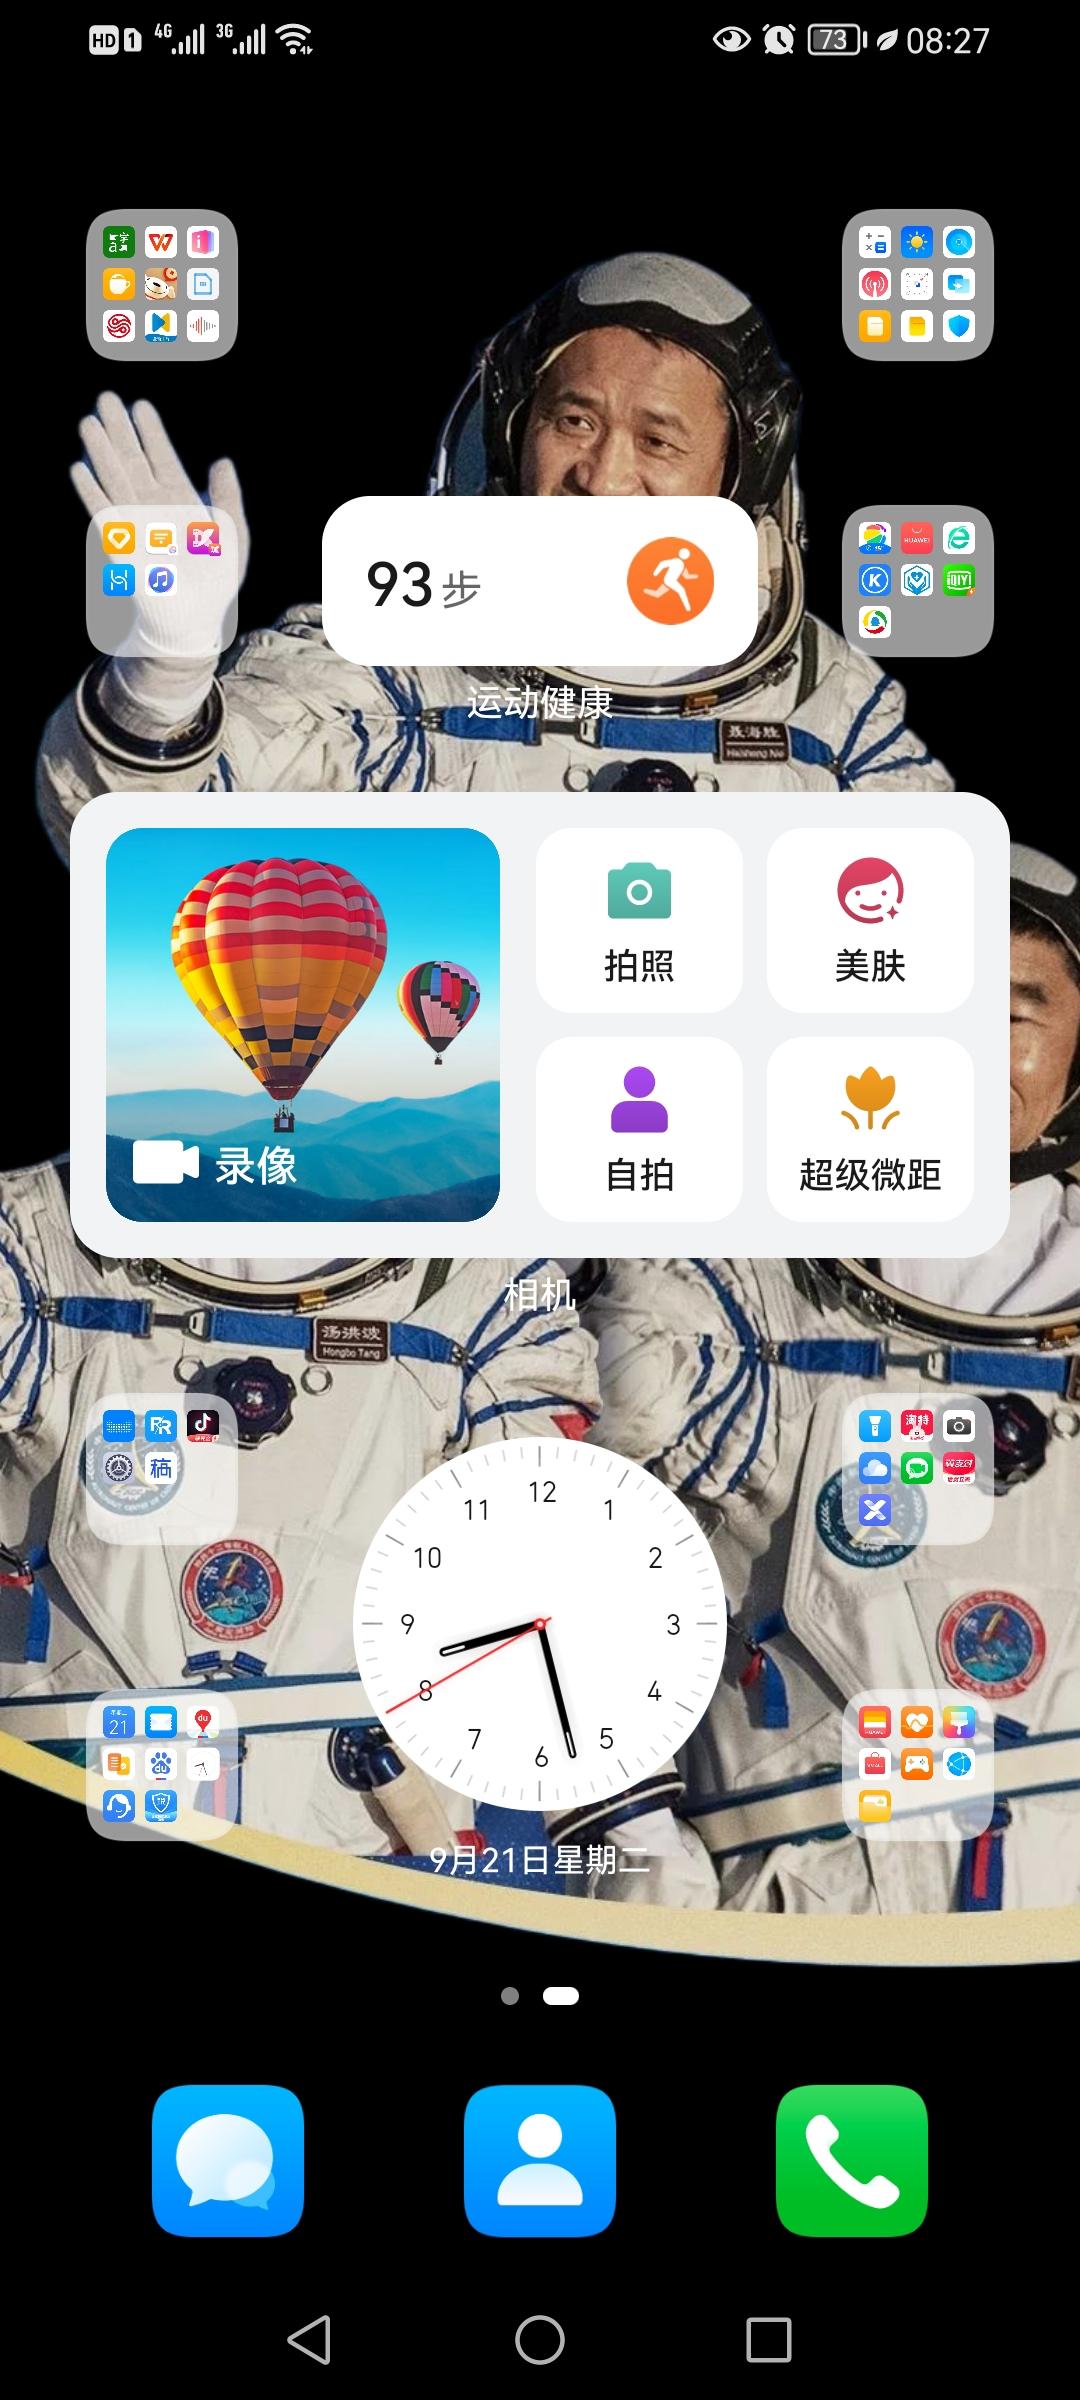 Screenshot_20210921_082740_com.huawei.android.launcher.jpg